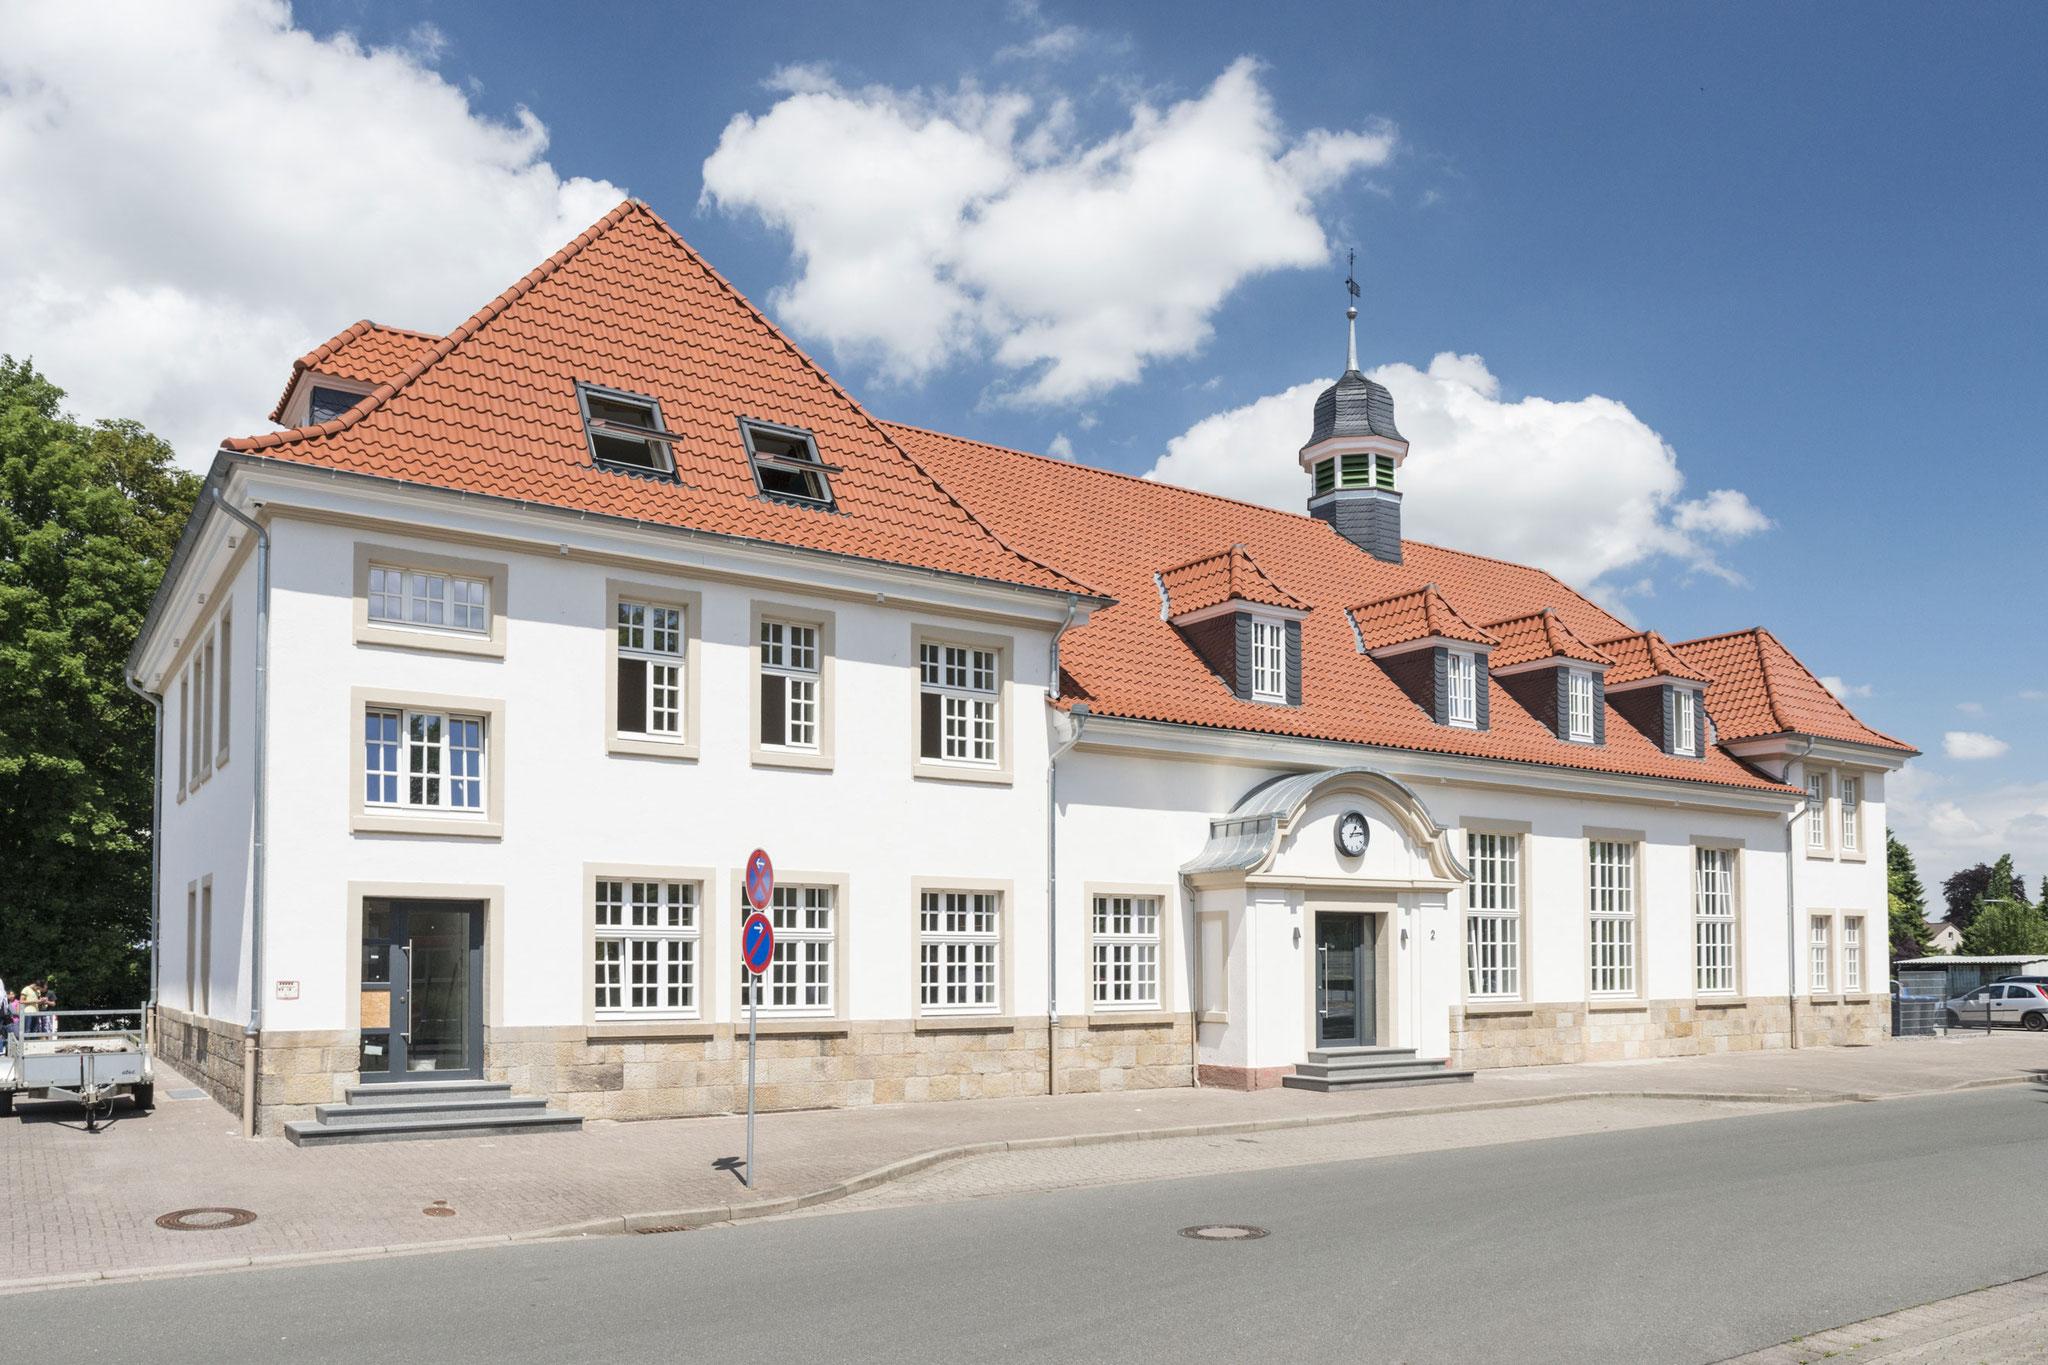 Lübbecke, Empfangsgebäude